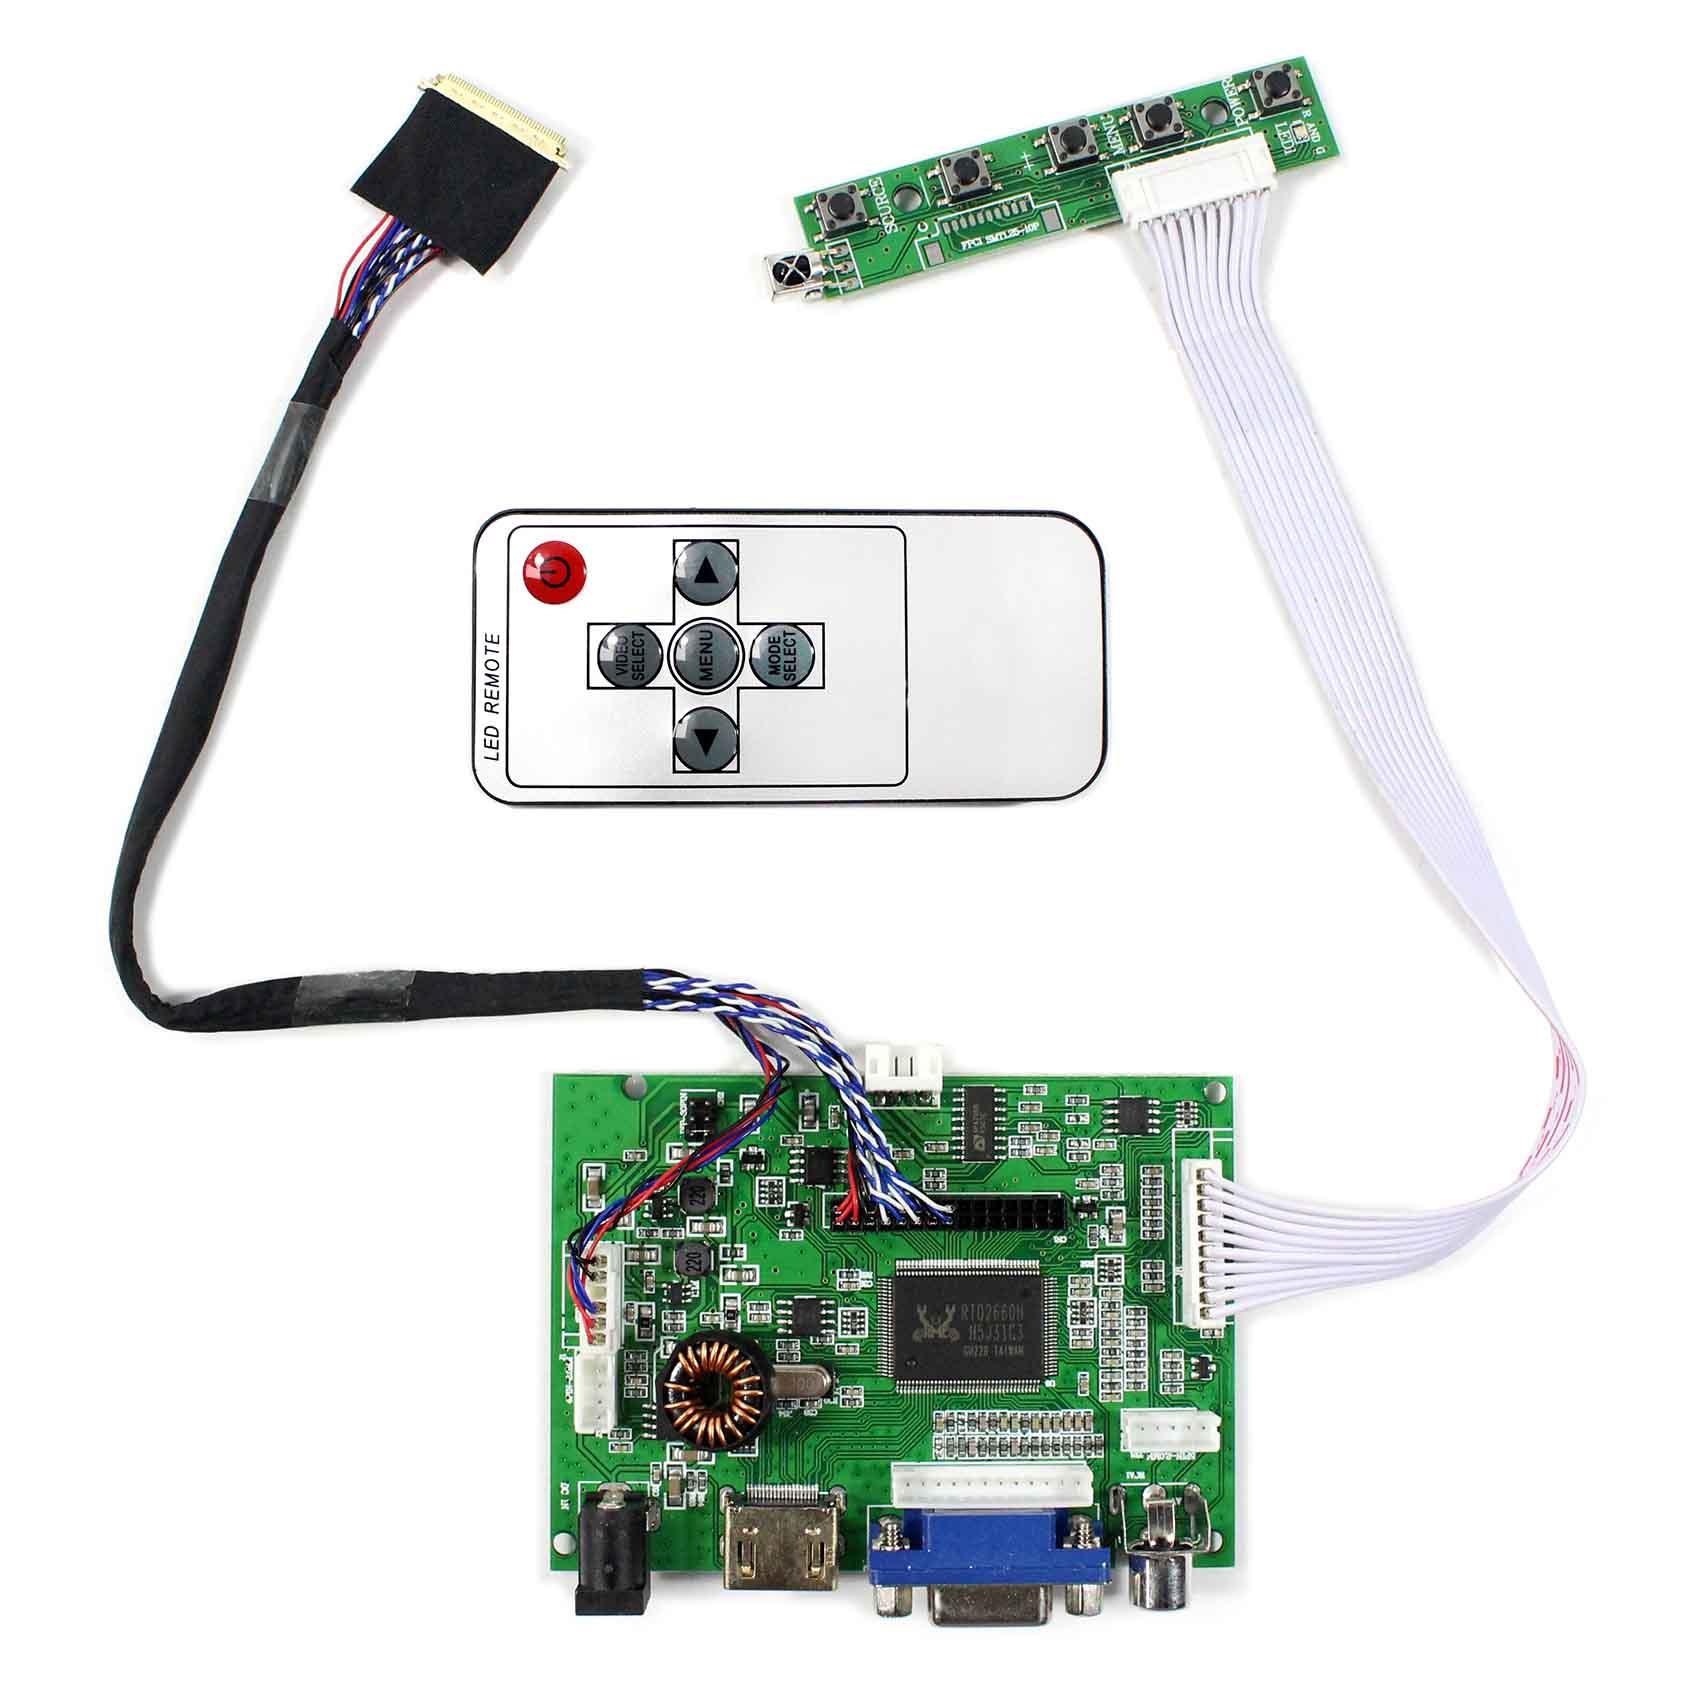 HDMI VGA 2AV Placa de controlador de audio lcd VS-TY2662-V196 trabajo para 40pin 1366x768 LVDS lcd LP125WH2 SLB1 N134B6-L01 LT131DEVHV00